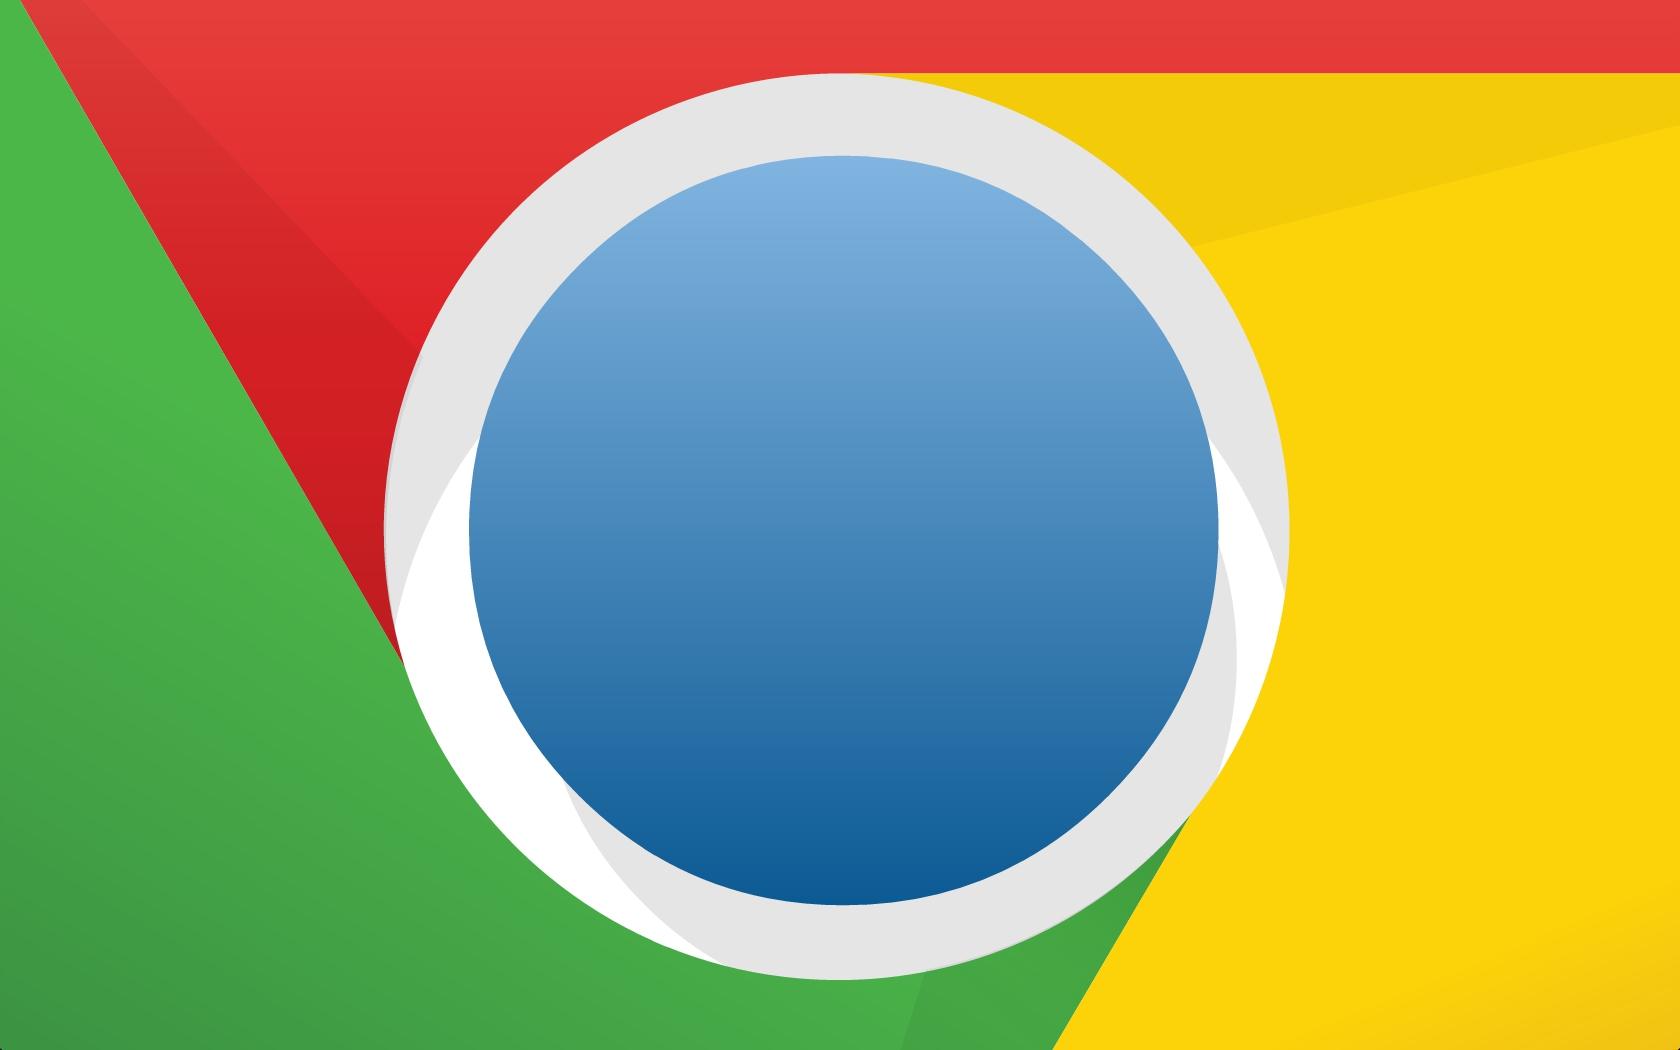 Chrome 70 implementa il picture-in-picture: ecco come attivarlo su YouTube (e altri siti)